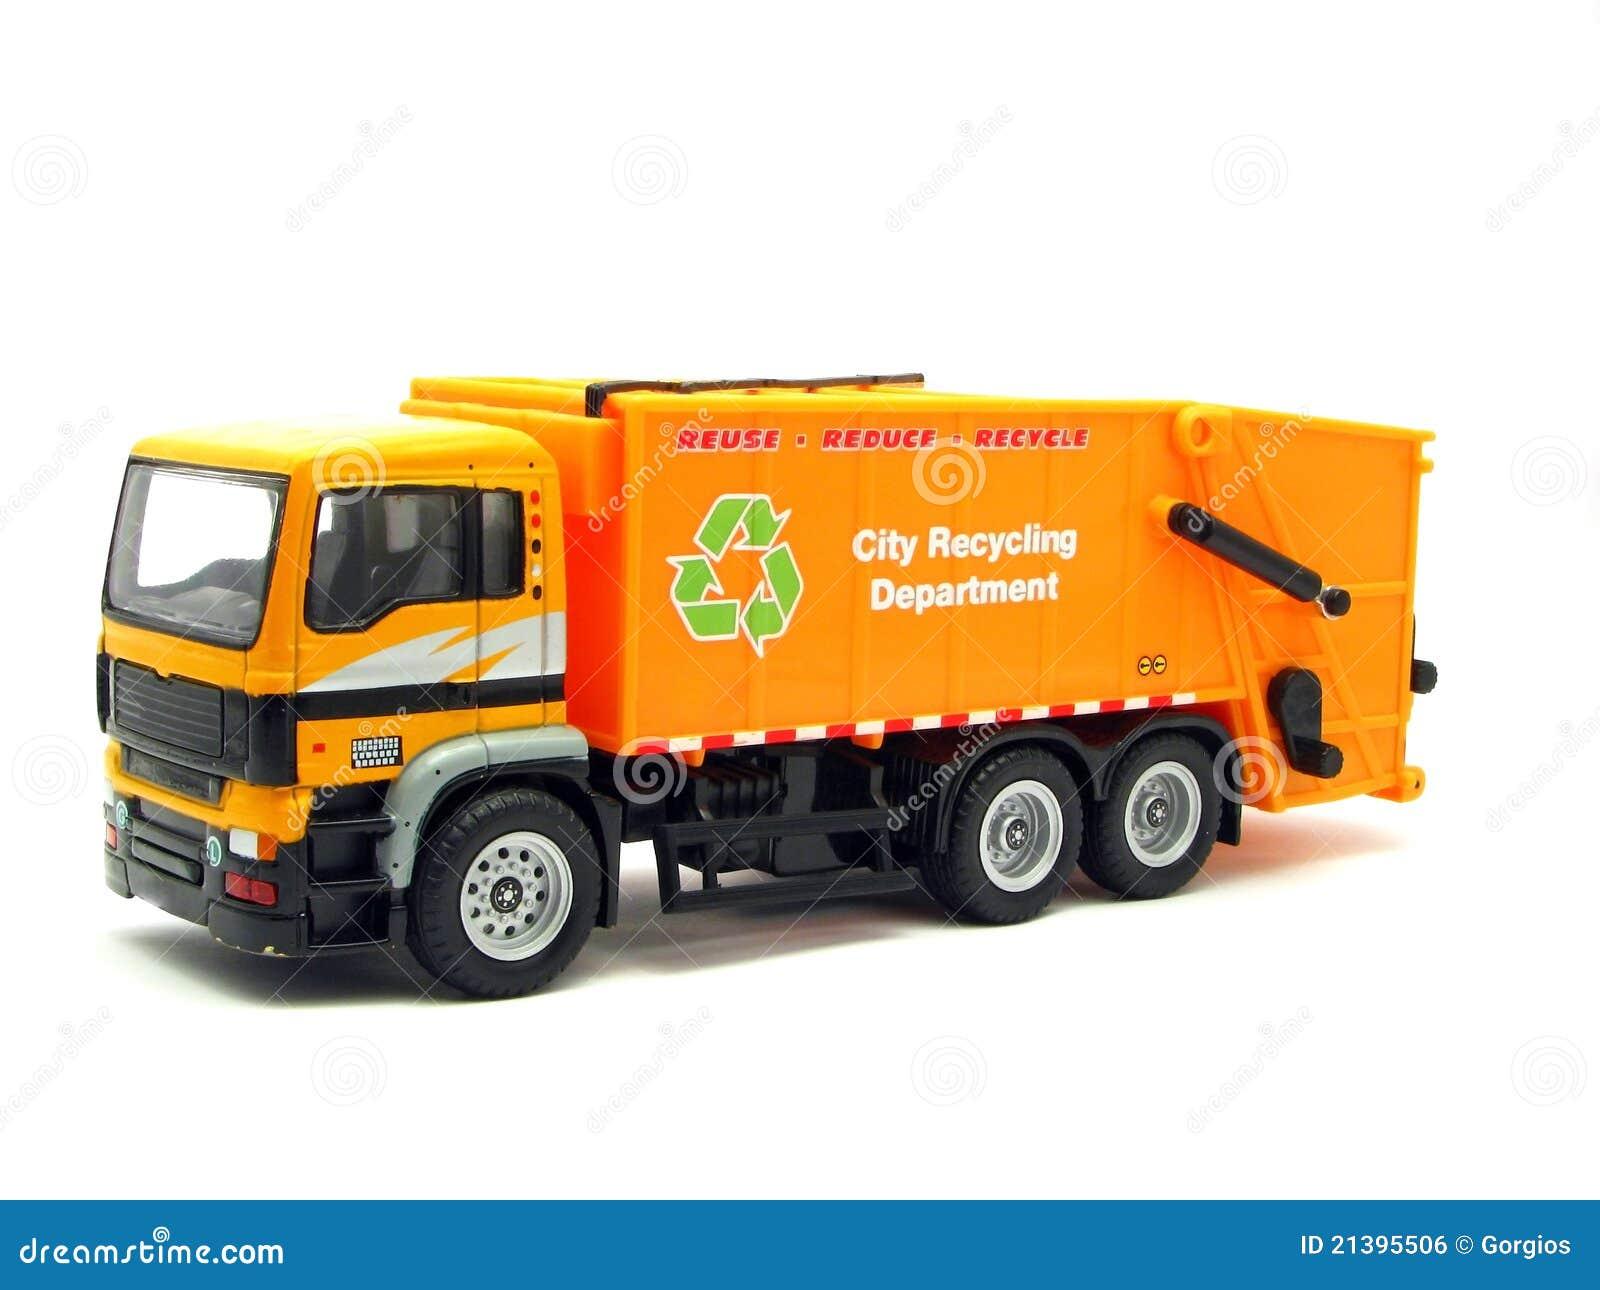 Garbage Truck Royalty Free Stock Image - Image: 21395506